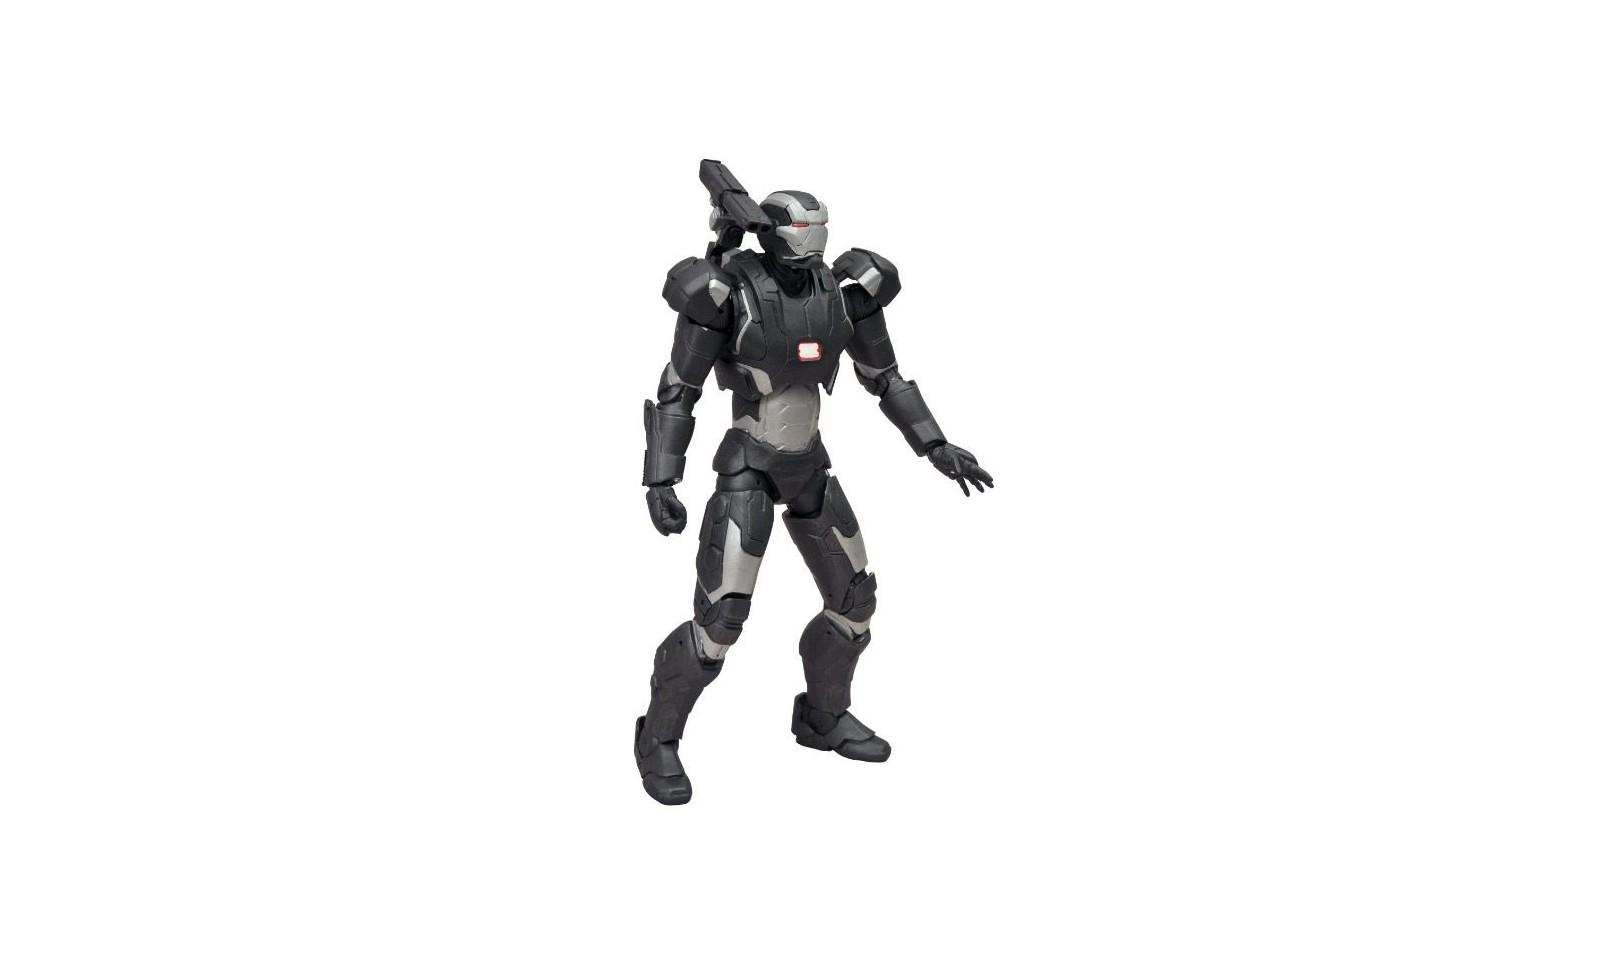 Iron Man Mark 1 Schematics